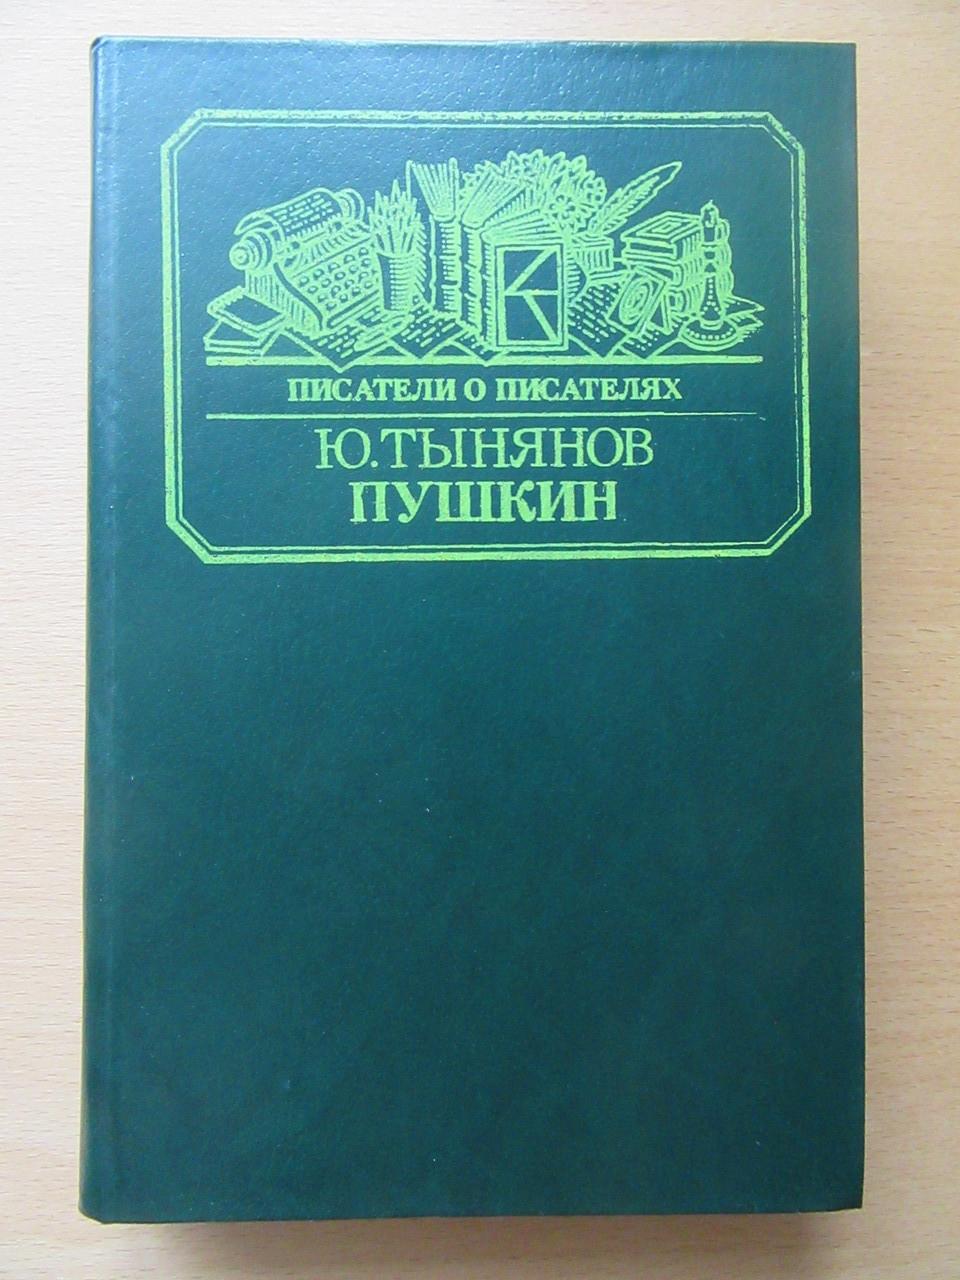 Ю.Тынянов. Пушкин. Серия: Писатели о писателях